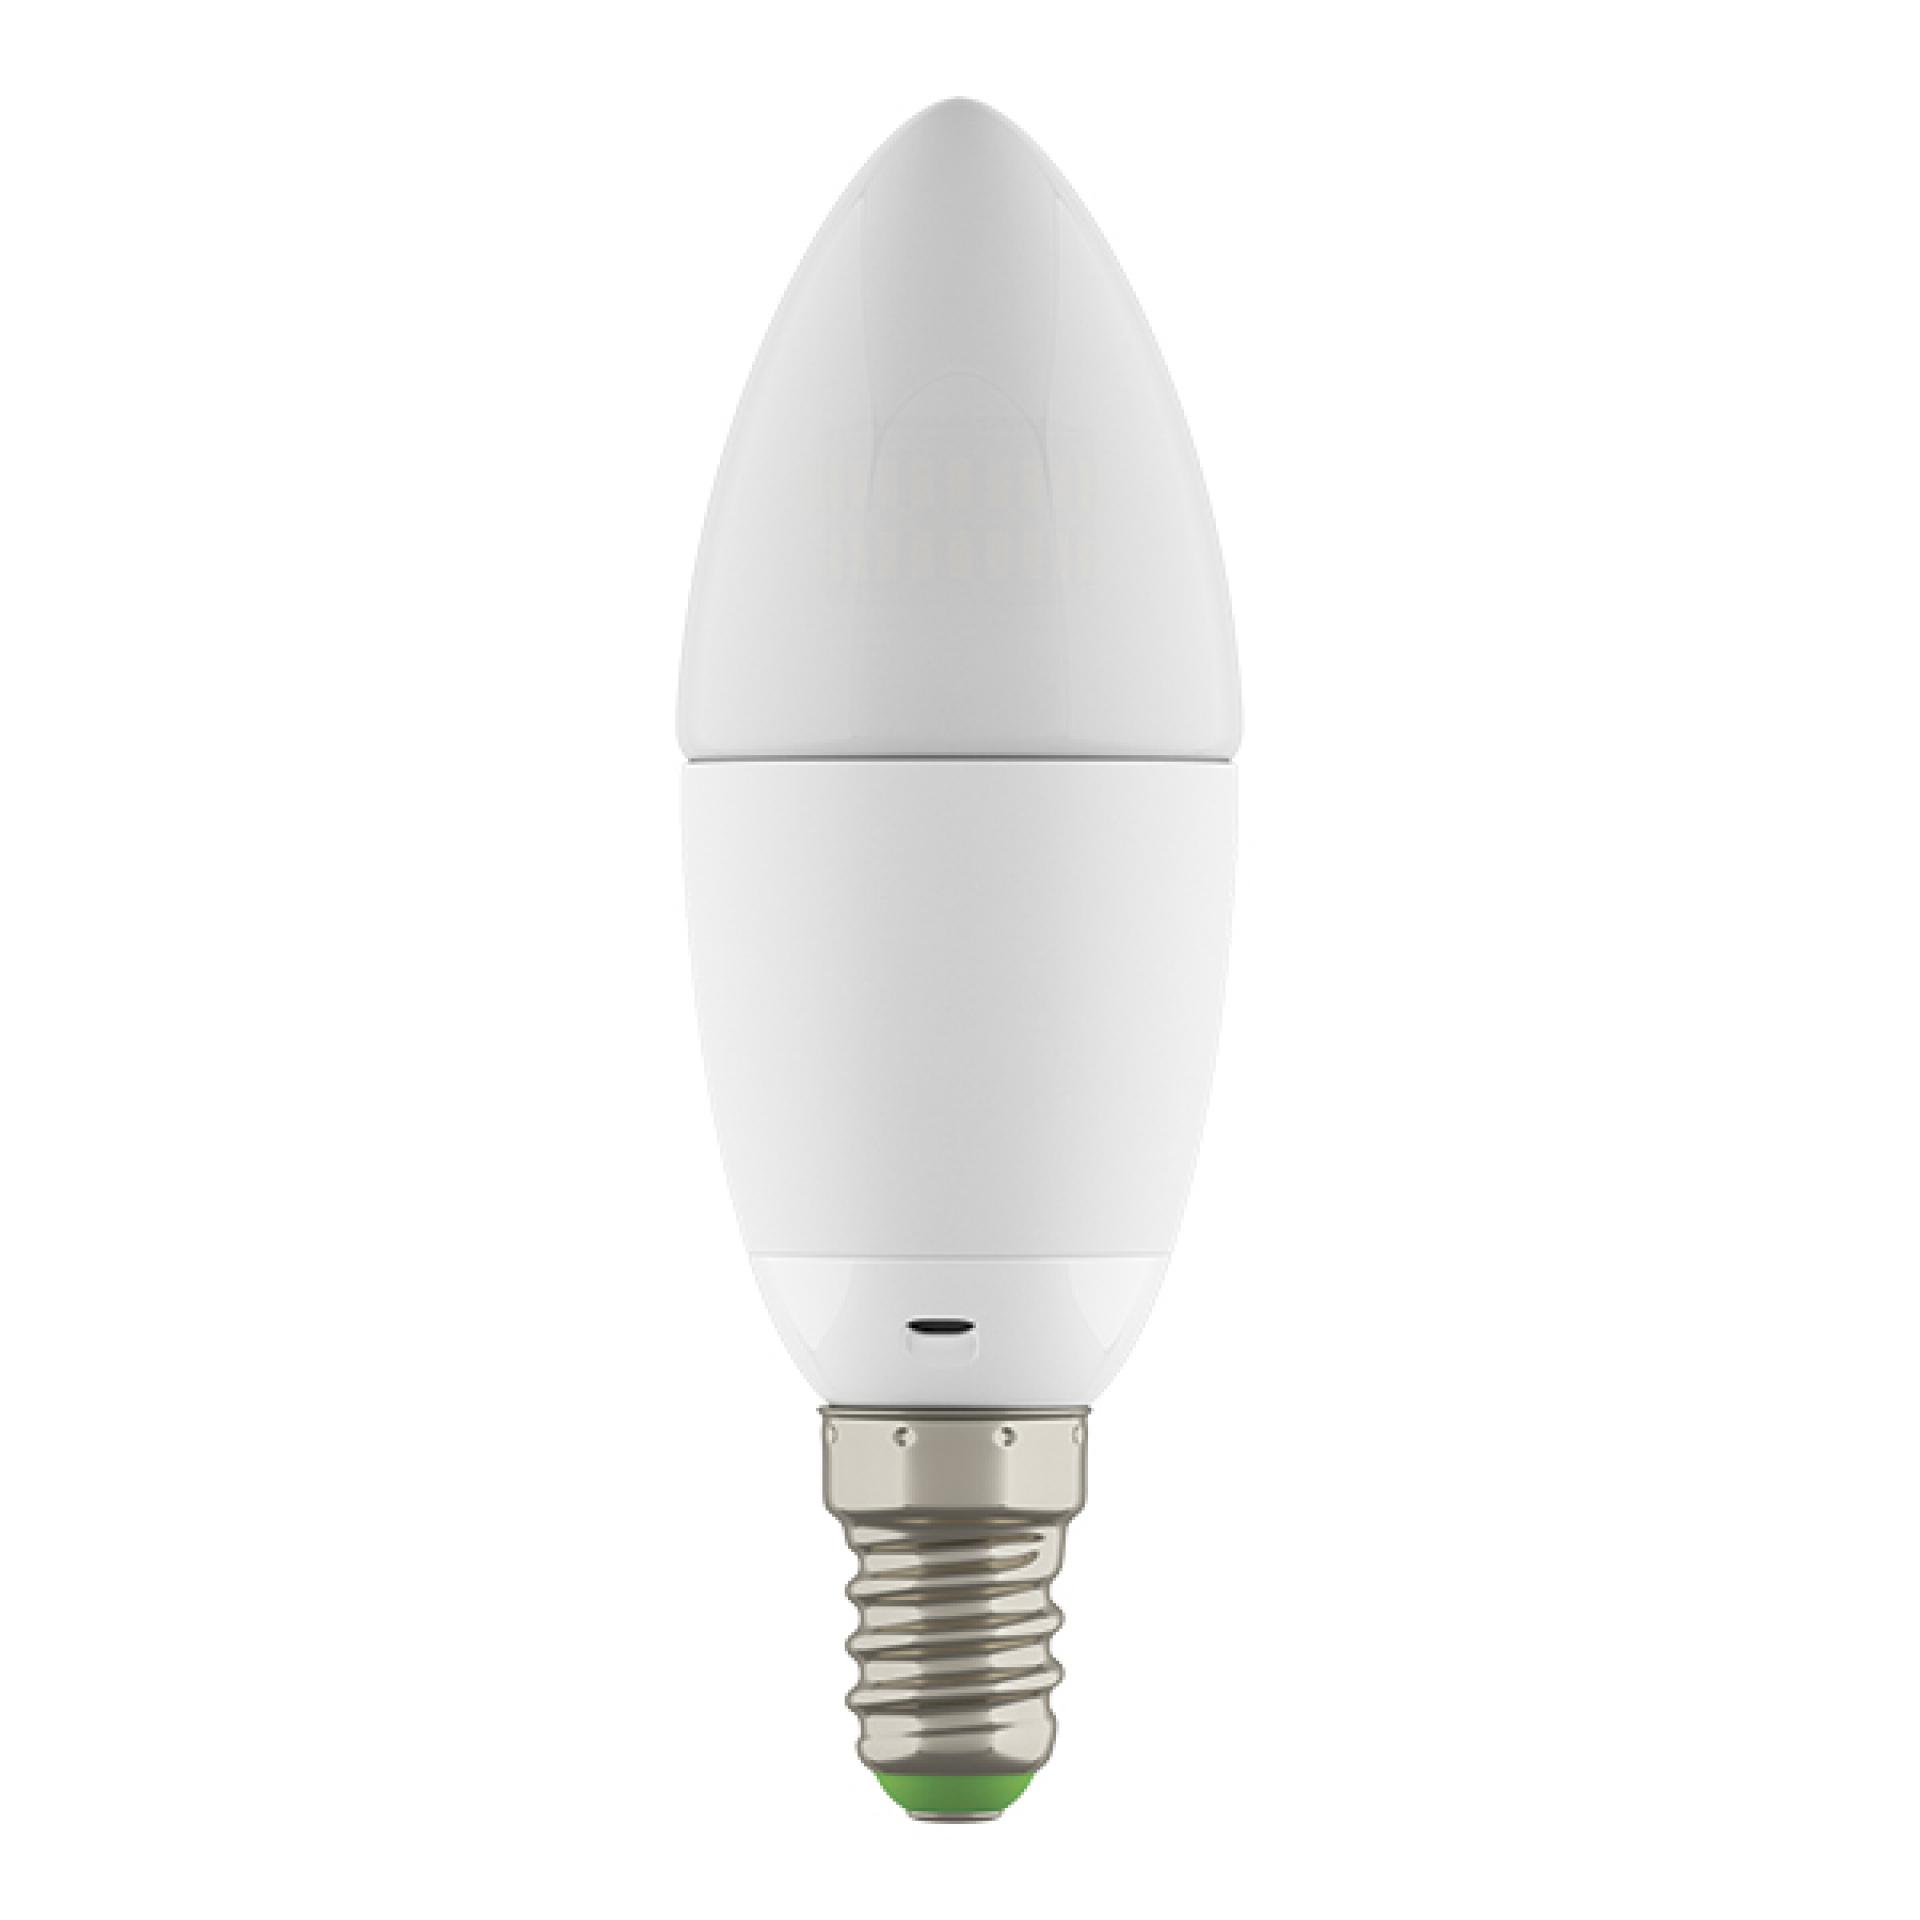 Лампа LED 220V C35 E14 6W=60W 360G WH 4200-4500K 20000H DIMM Lightstar 931504, купить в СПб, Москве, с доставкой, Санкт-Петербург, интернет-магазин люстр и светильников Starlight, фото в жизни